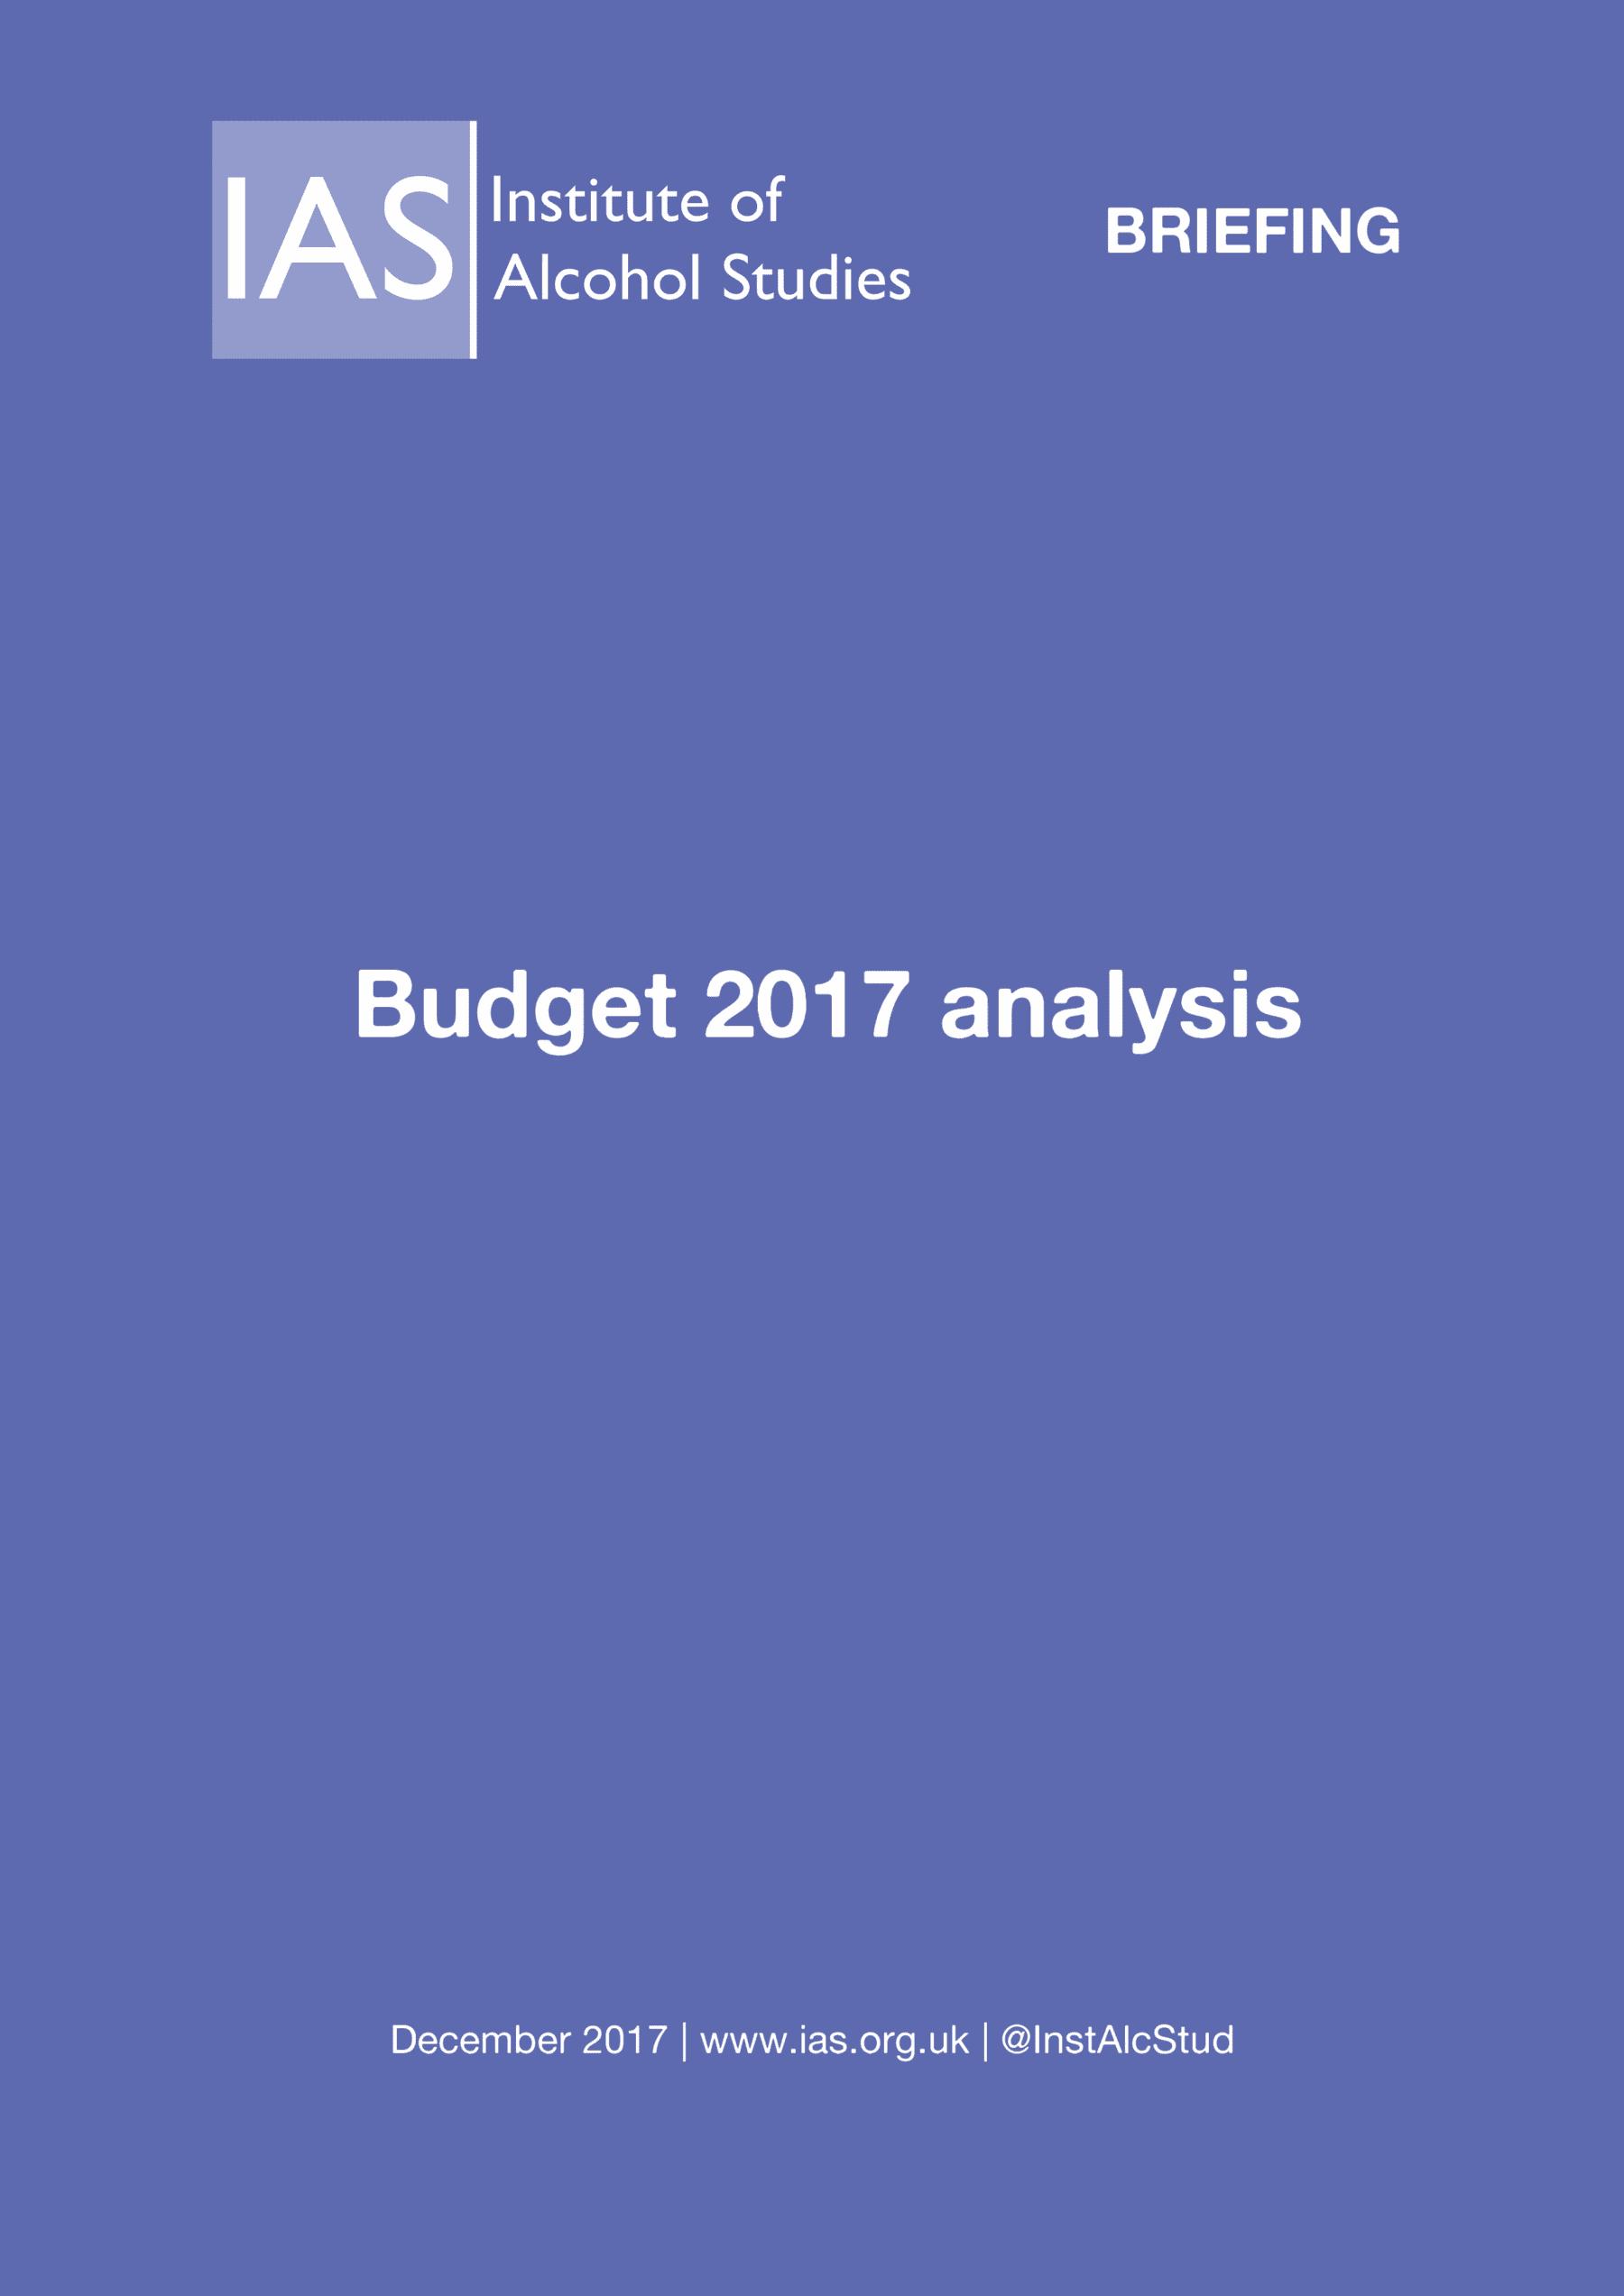 IAS Budget 2017 analysis